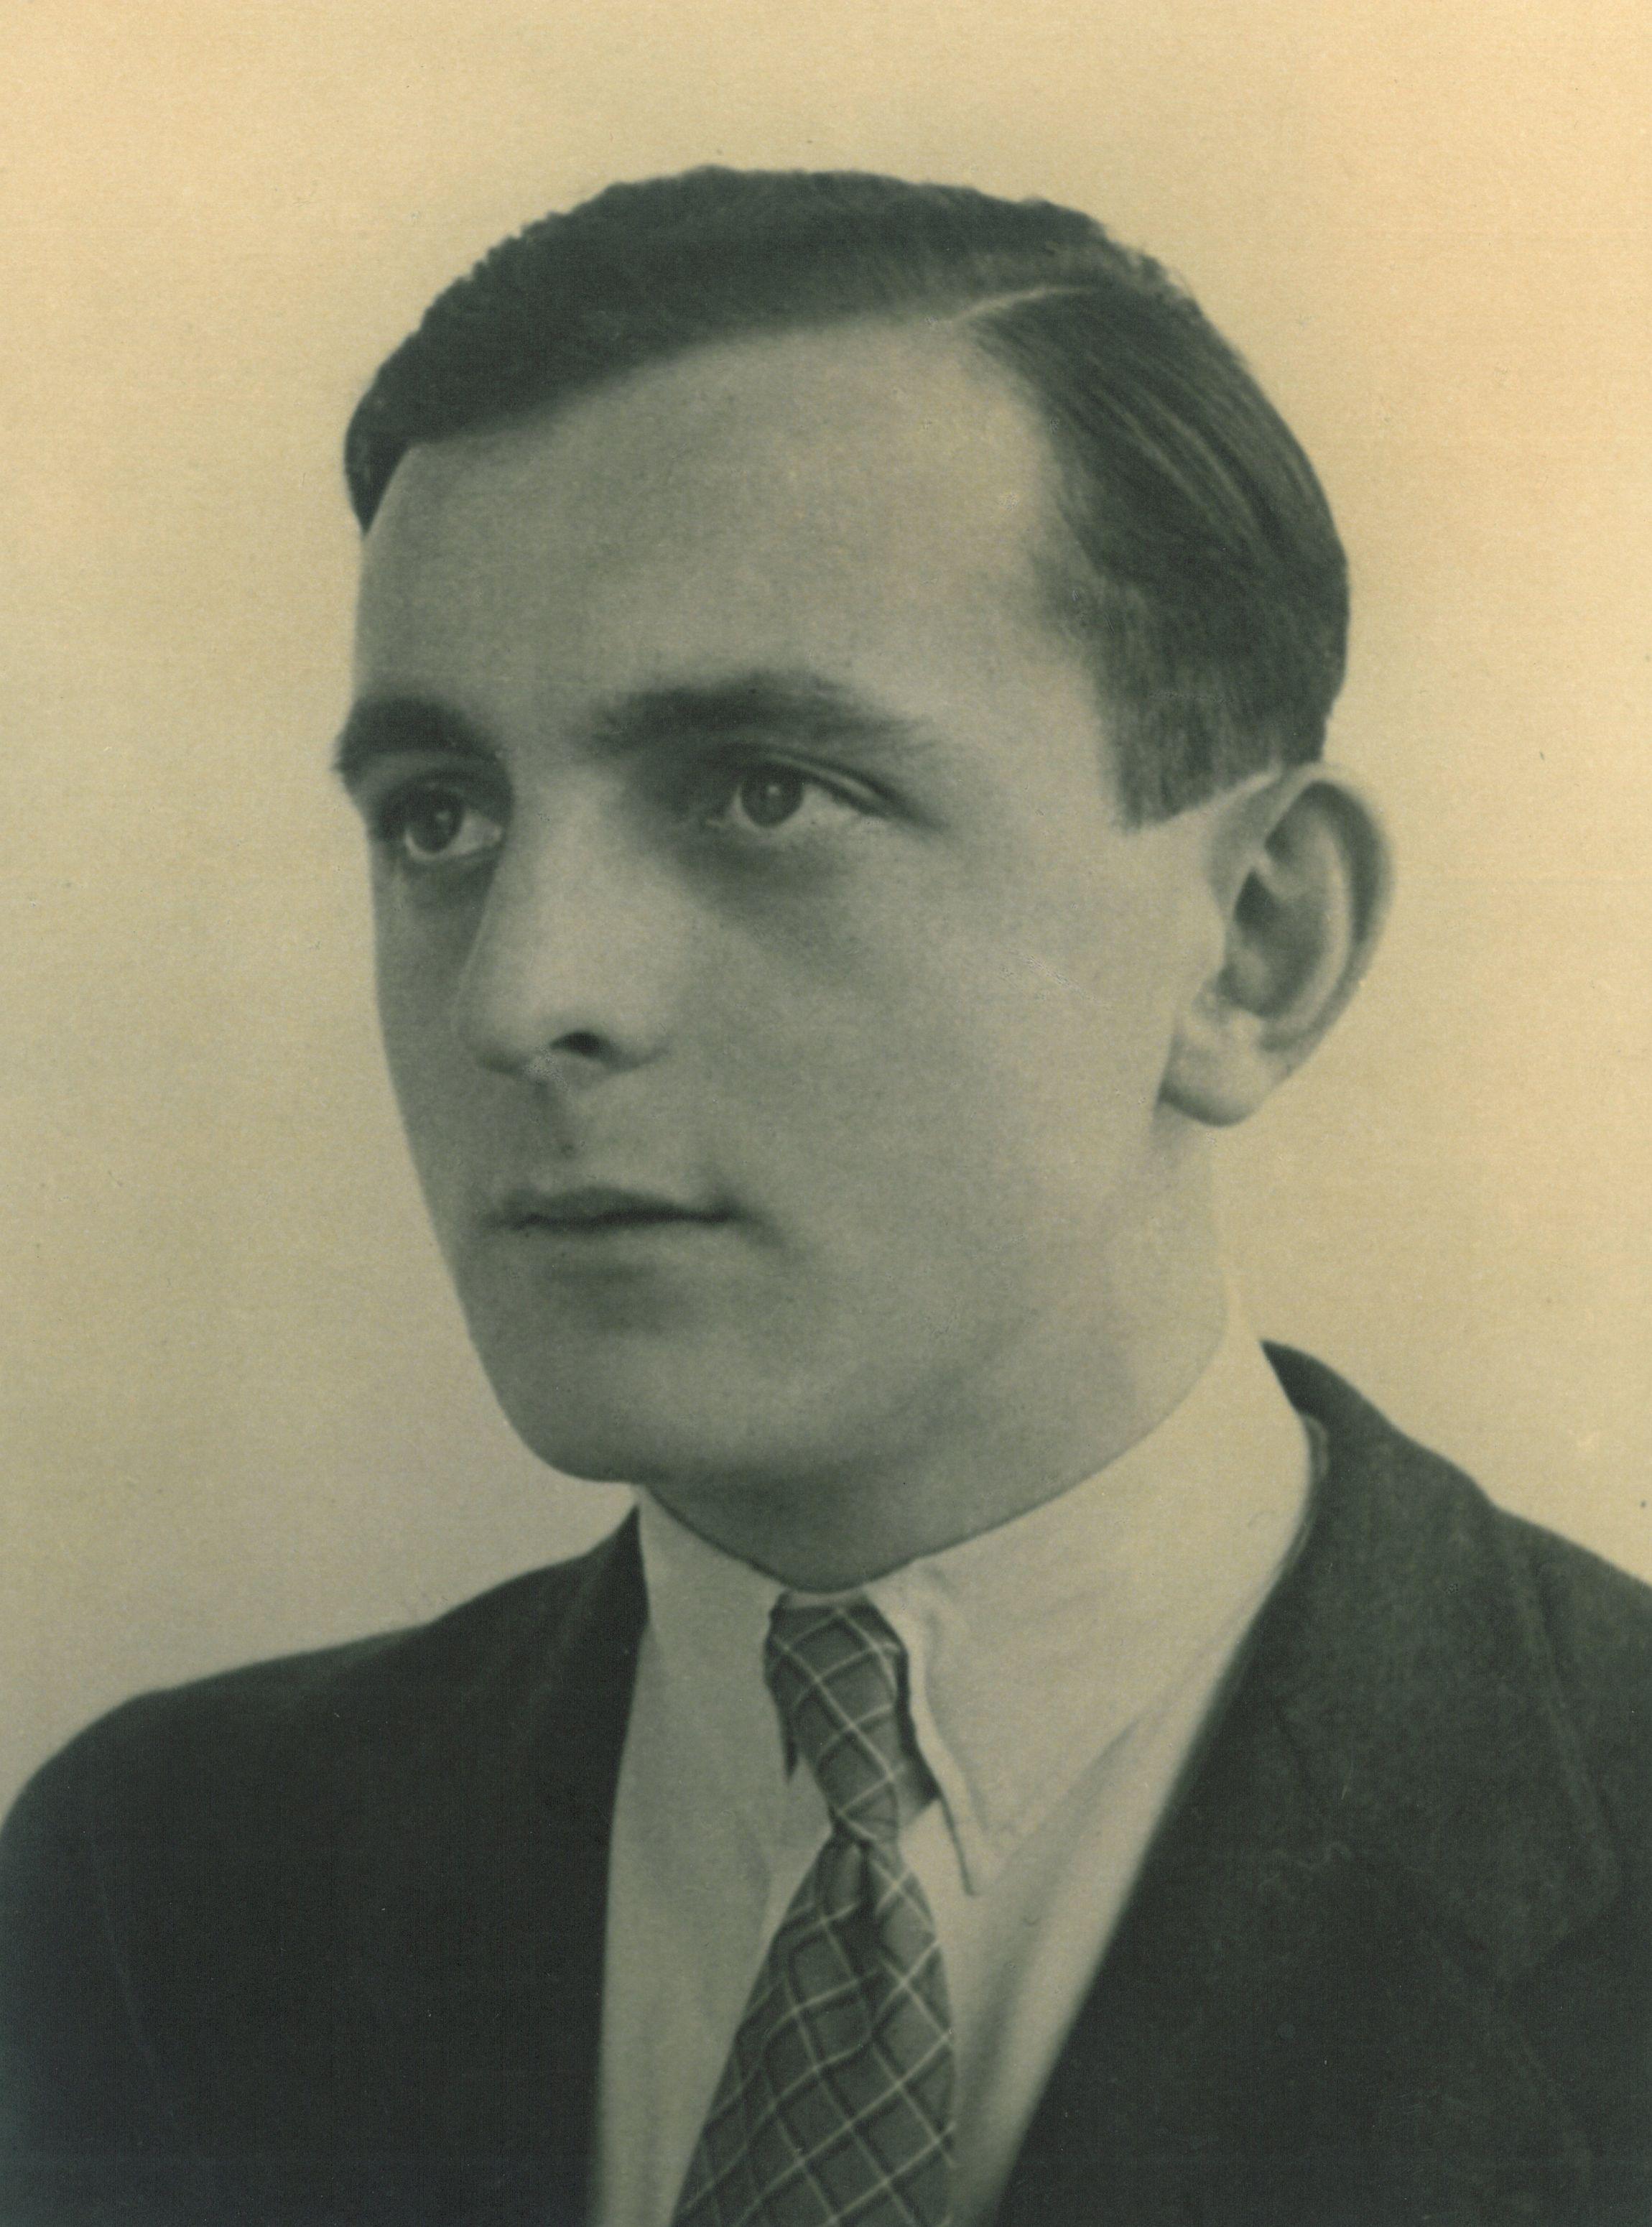 Berend Jan Meijering uit Gees_gearresteerd eind 1944_overleden 3 mei 1945 in Neuengamme